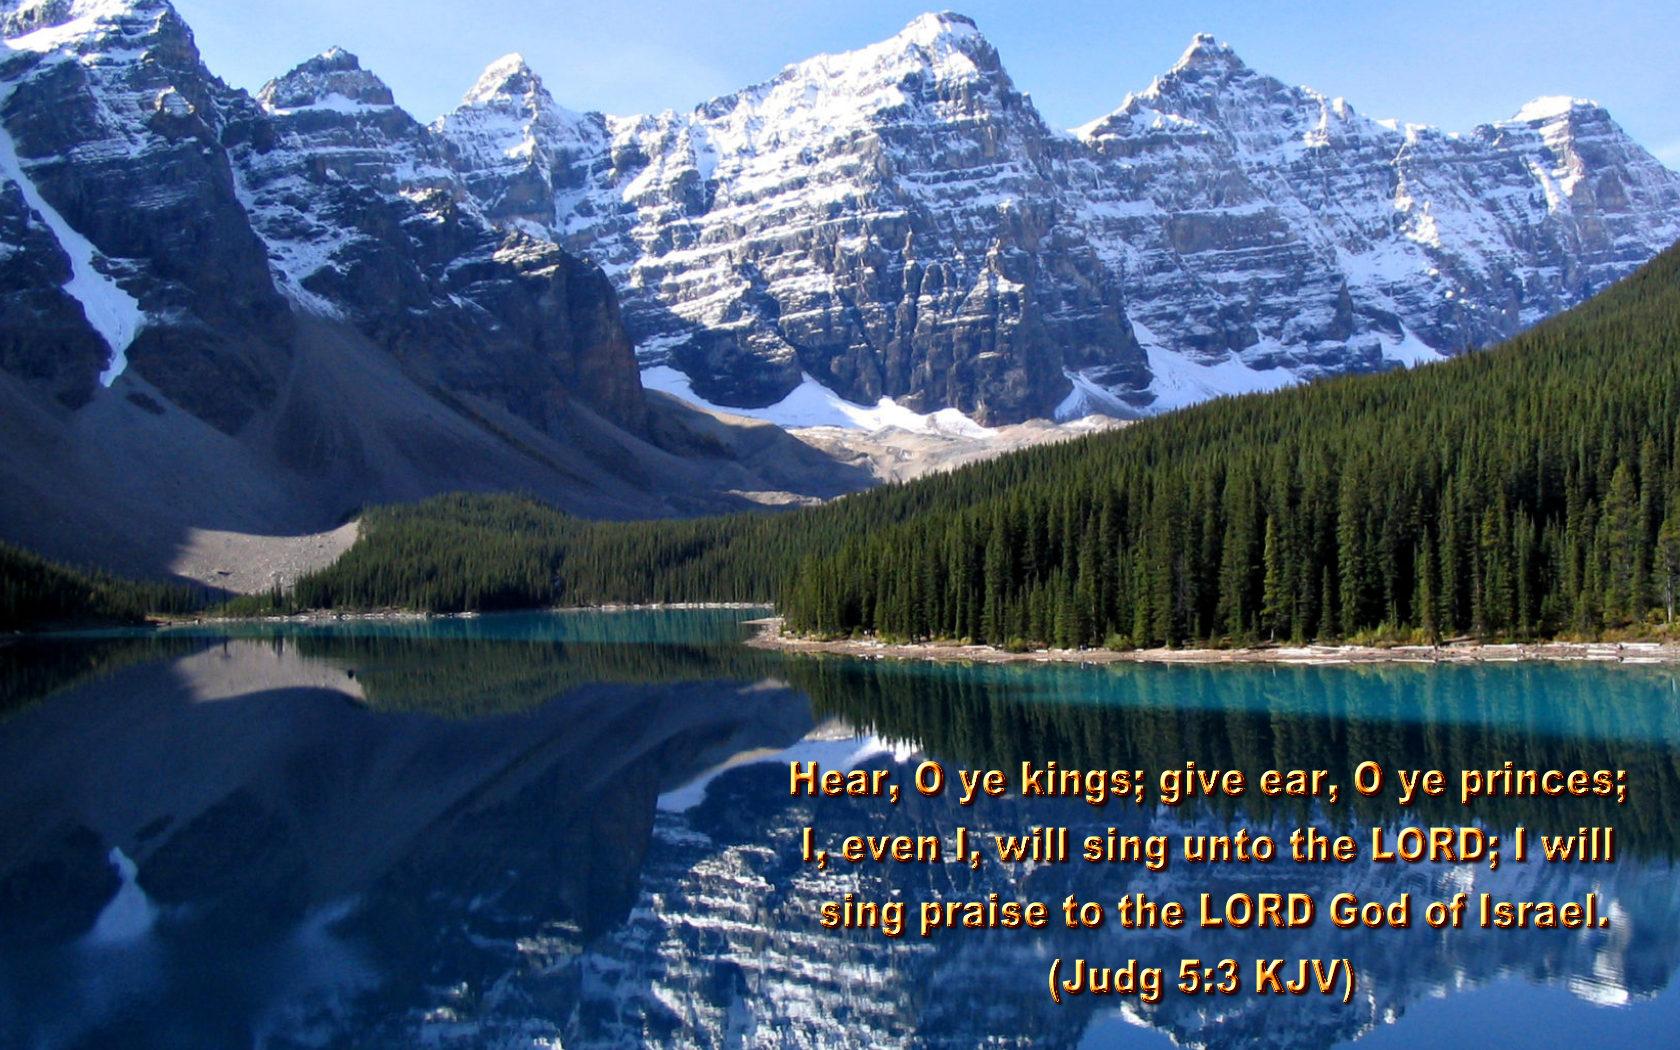 Judg 53 KJV Wallpaper   Christian Wallpapers and Backgrounds 1680x1050